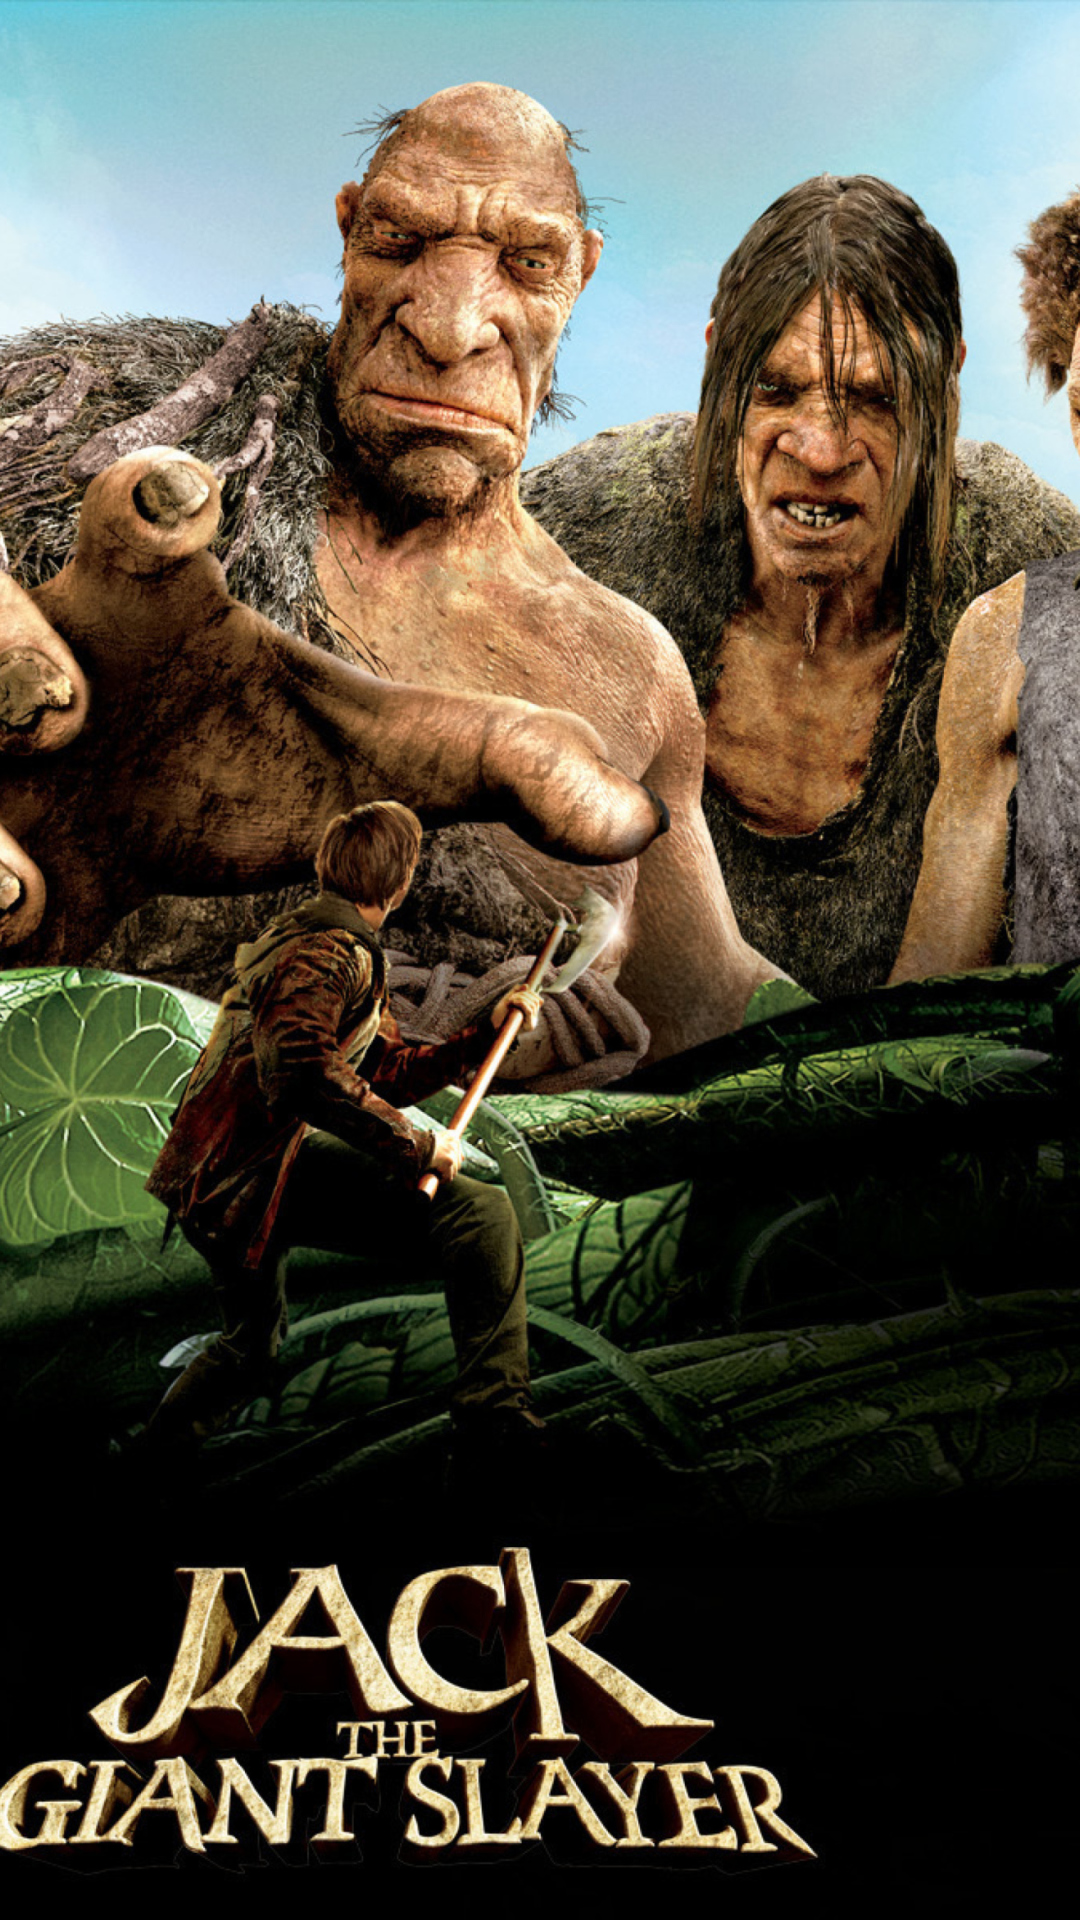 The giants movie